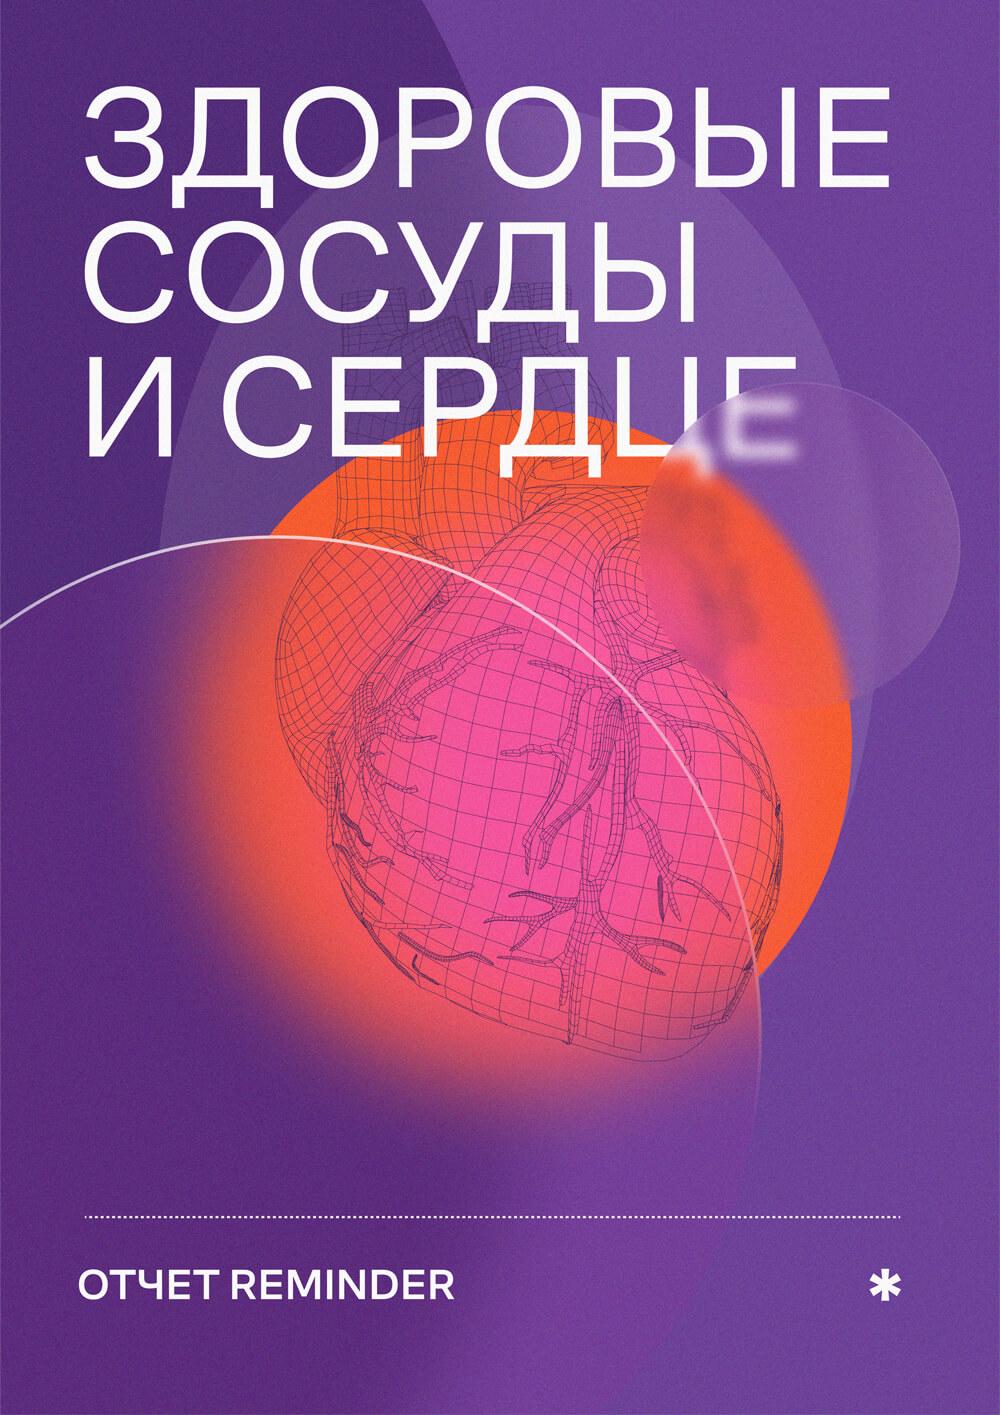 Здоровые сосуды и сердце, профилактика сердечно-сосудистых заболеваний